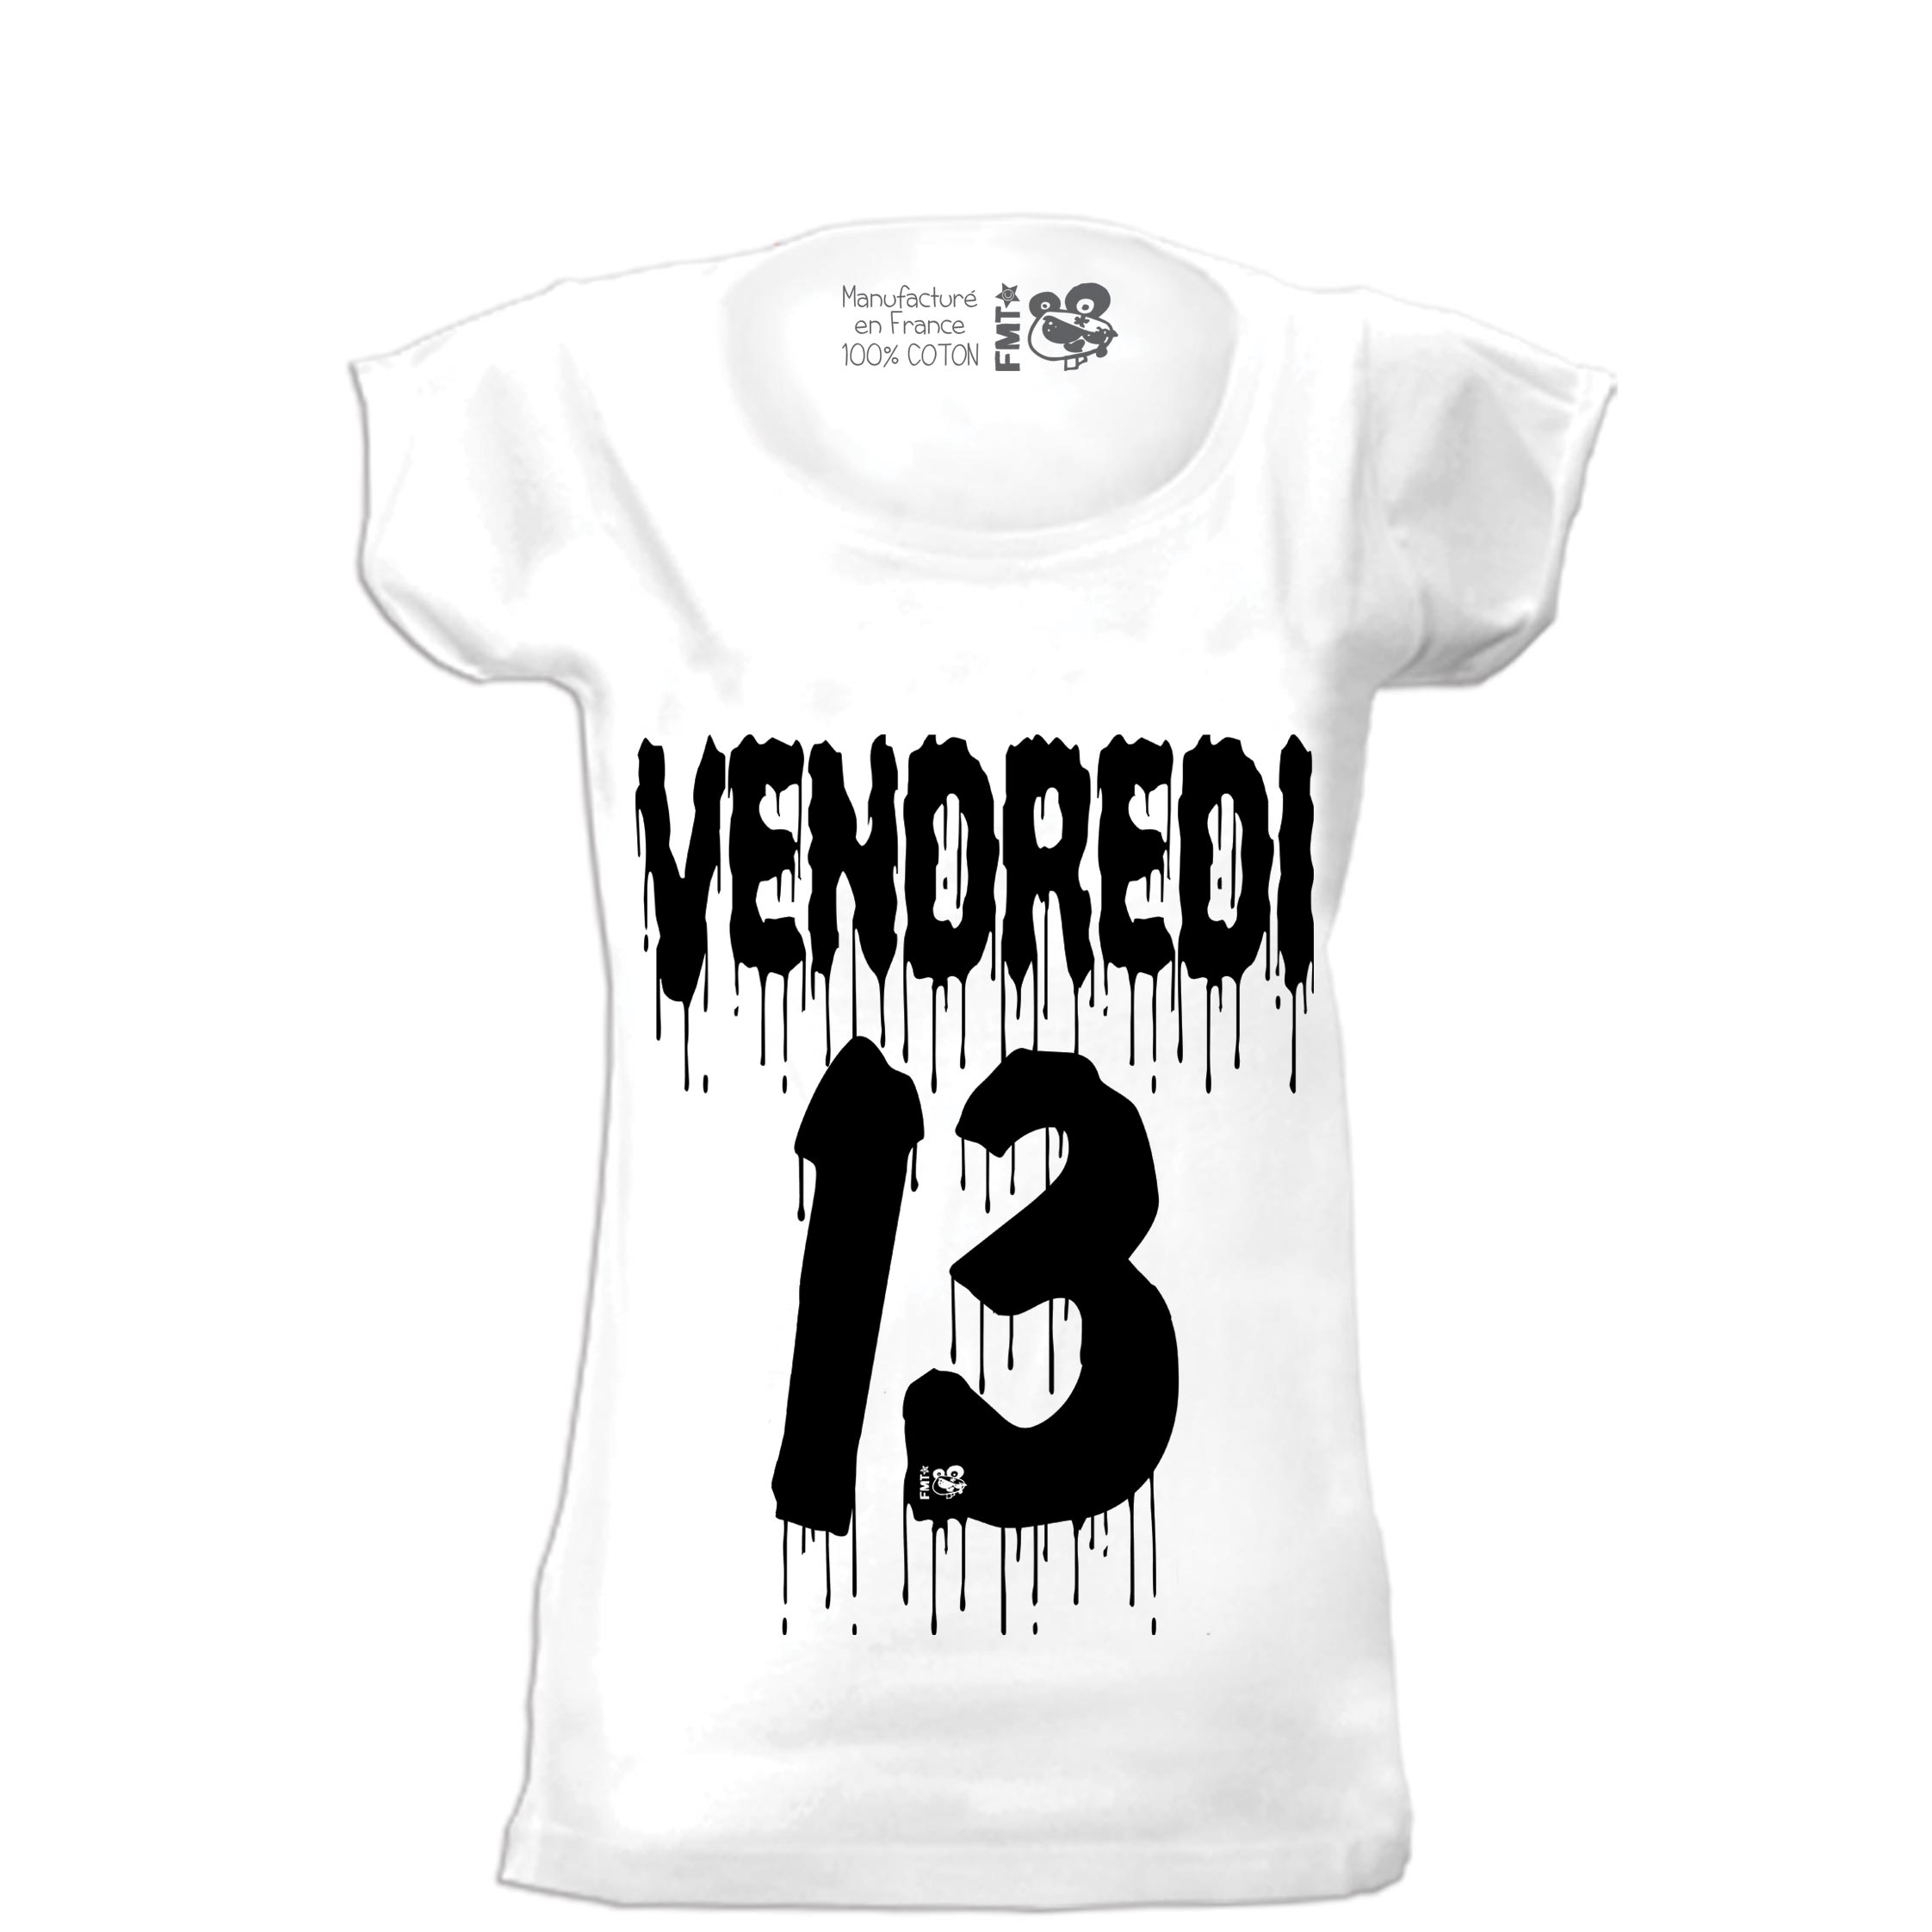 11-FMT-VENDREDI13-TSHIRT-BLANC/NOIR-FEMME